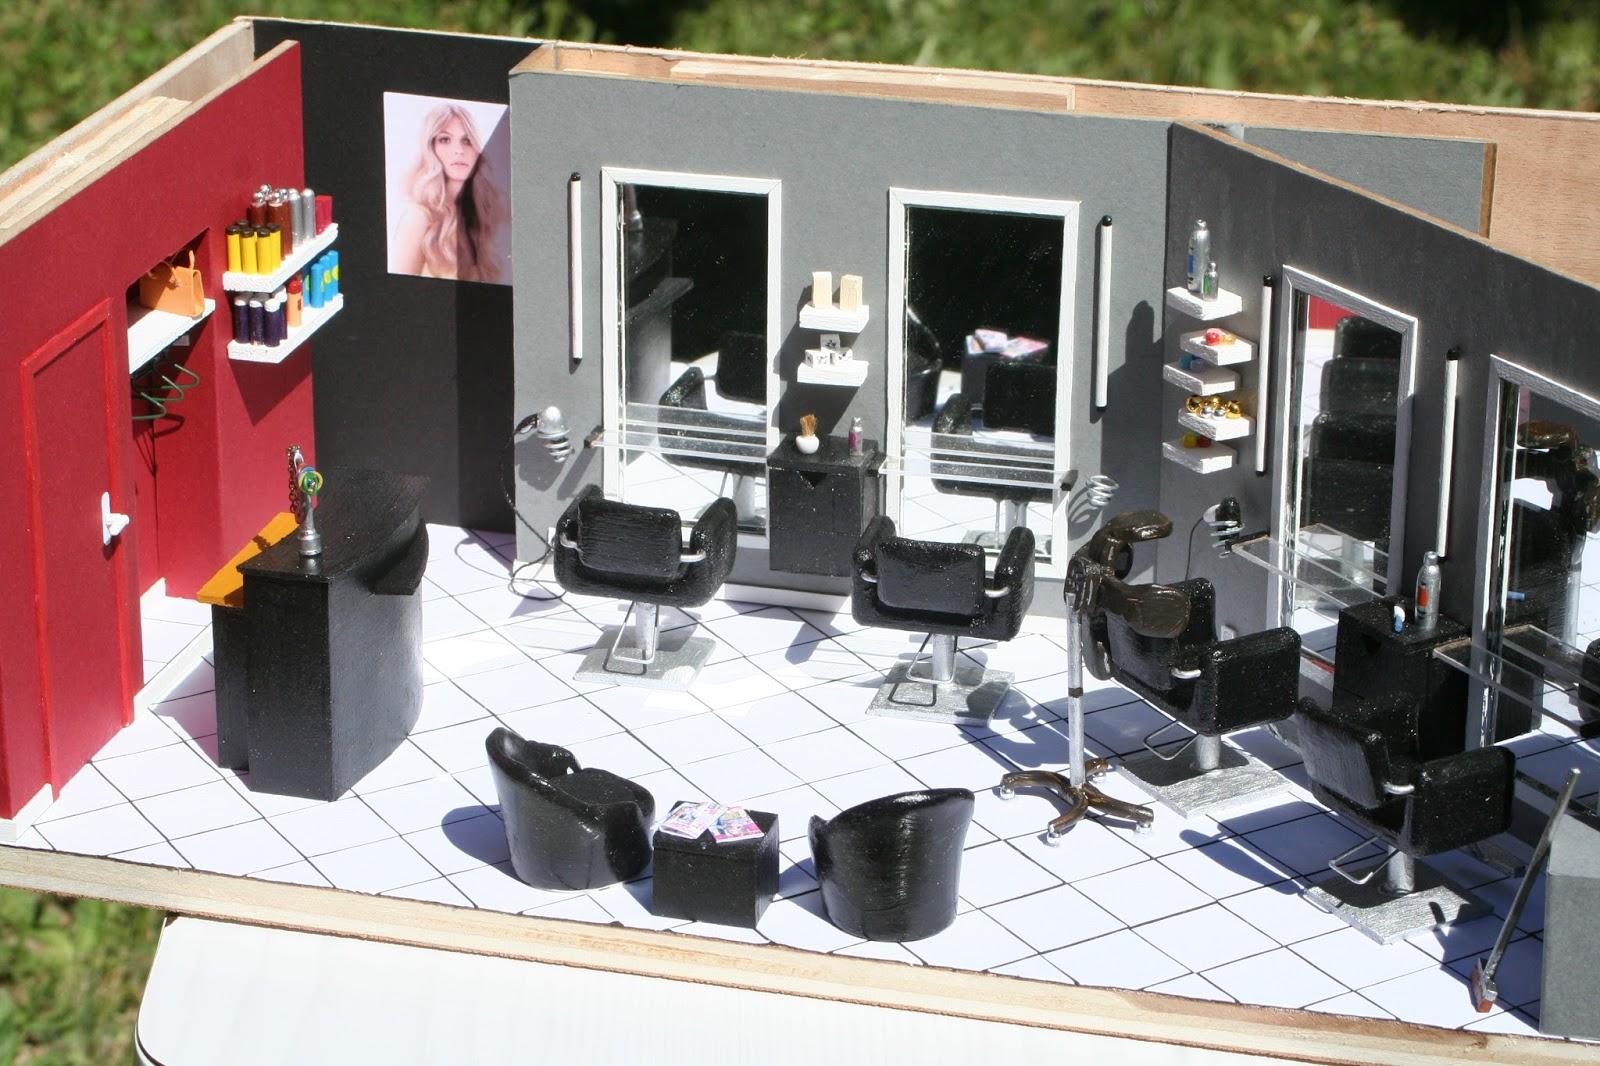 Le petit monde des vitrines 44 le salon de coiffure - Le salon de coiffure ...